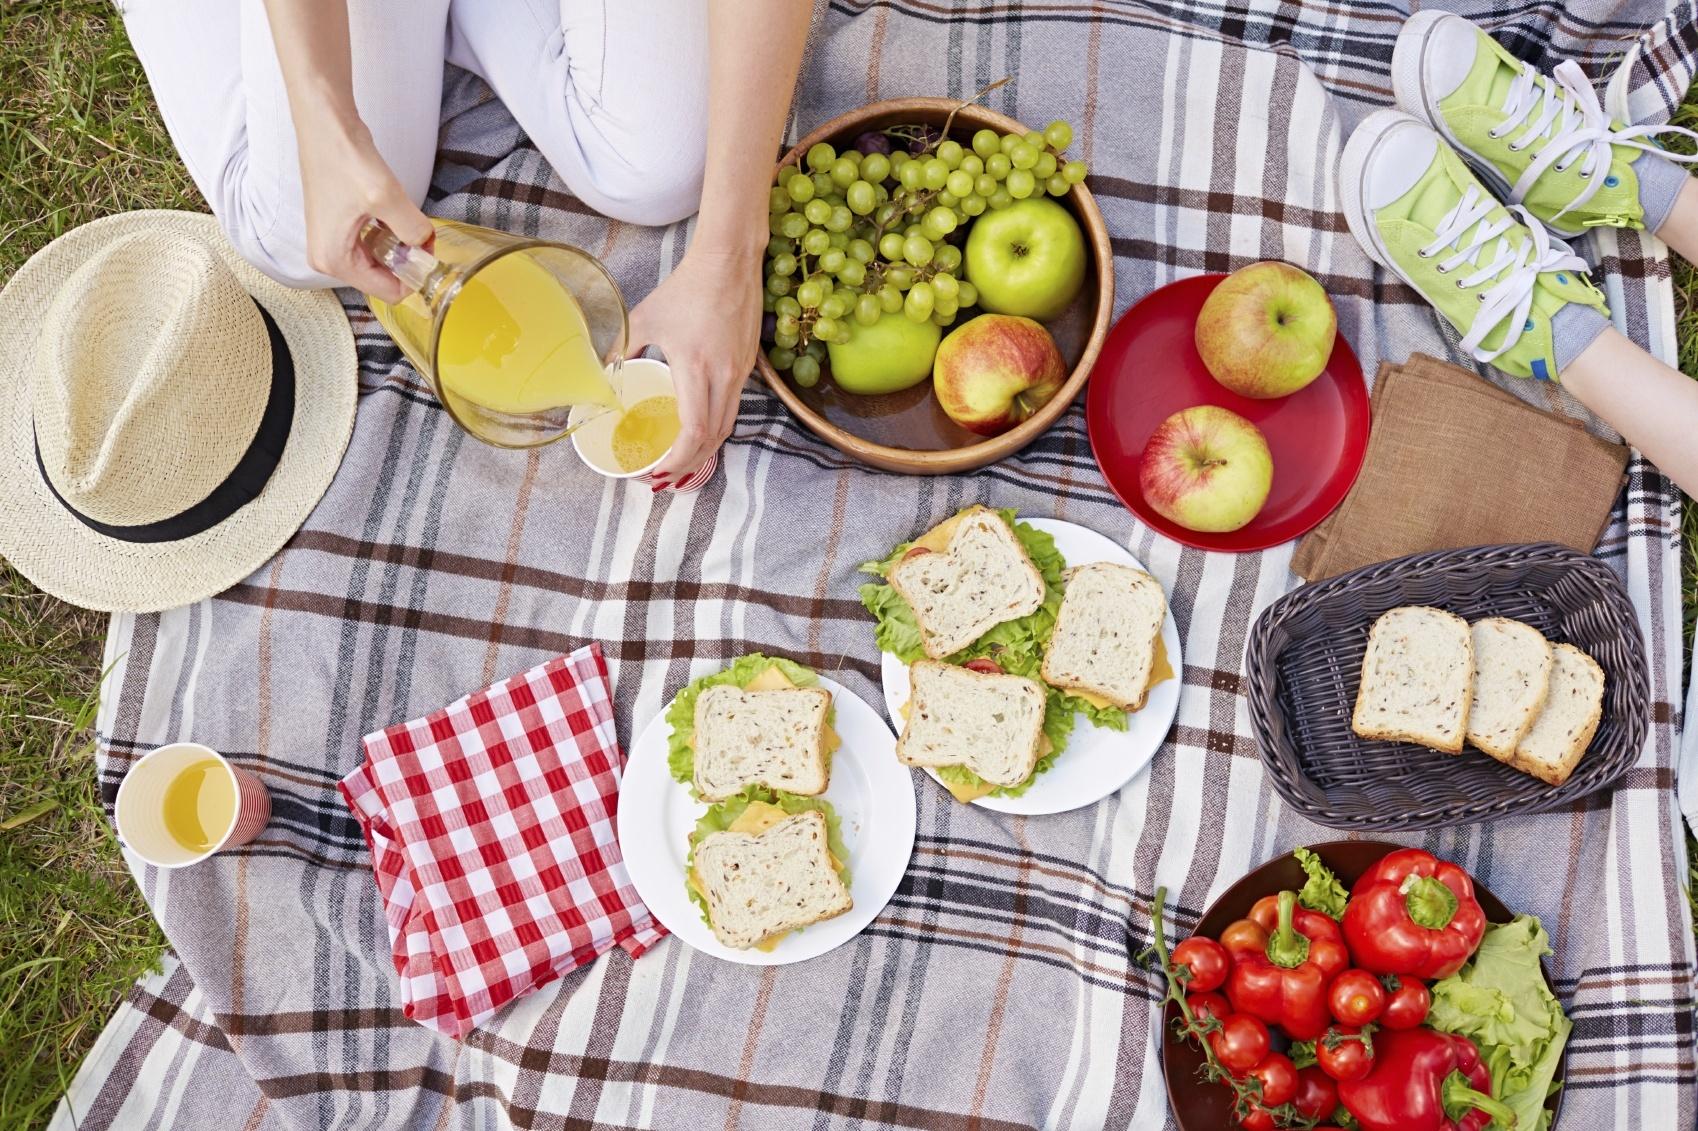 Chuẩn bị sẵn các món ăn tại nhà sẽ giúp tiết kiệm được nhiều thời gian hơn trong lúc cắm trại